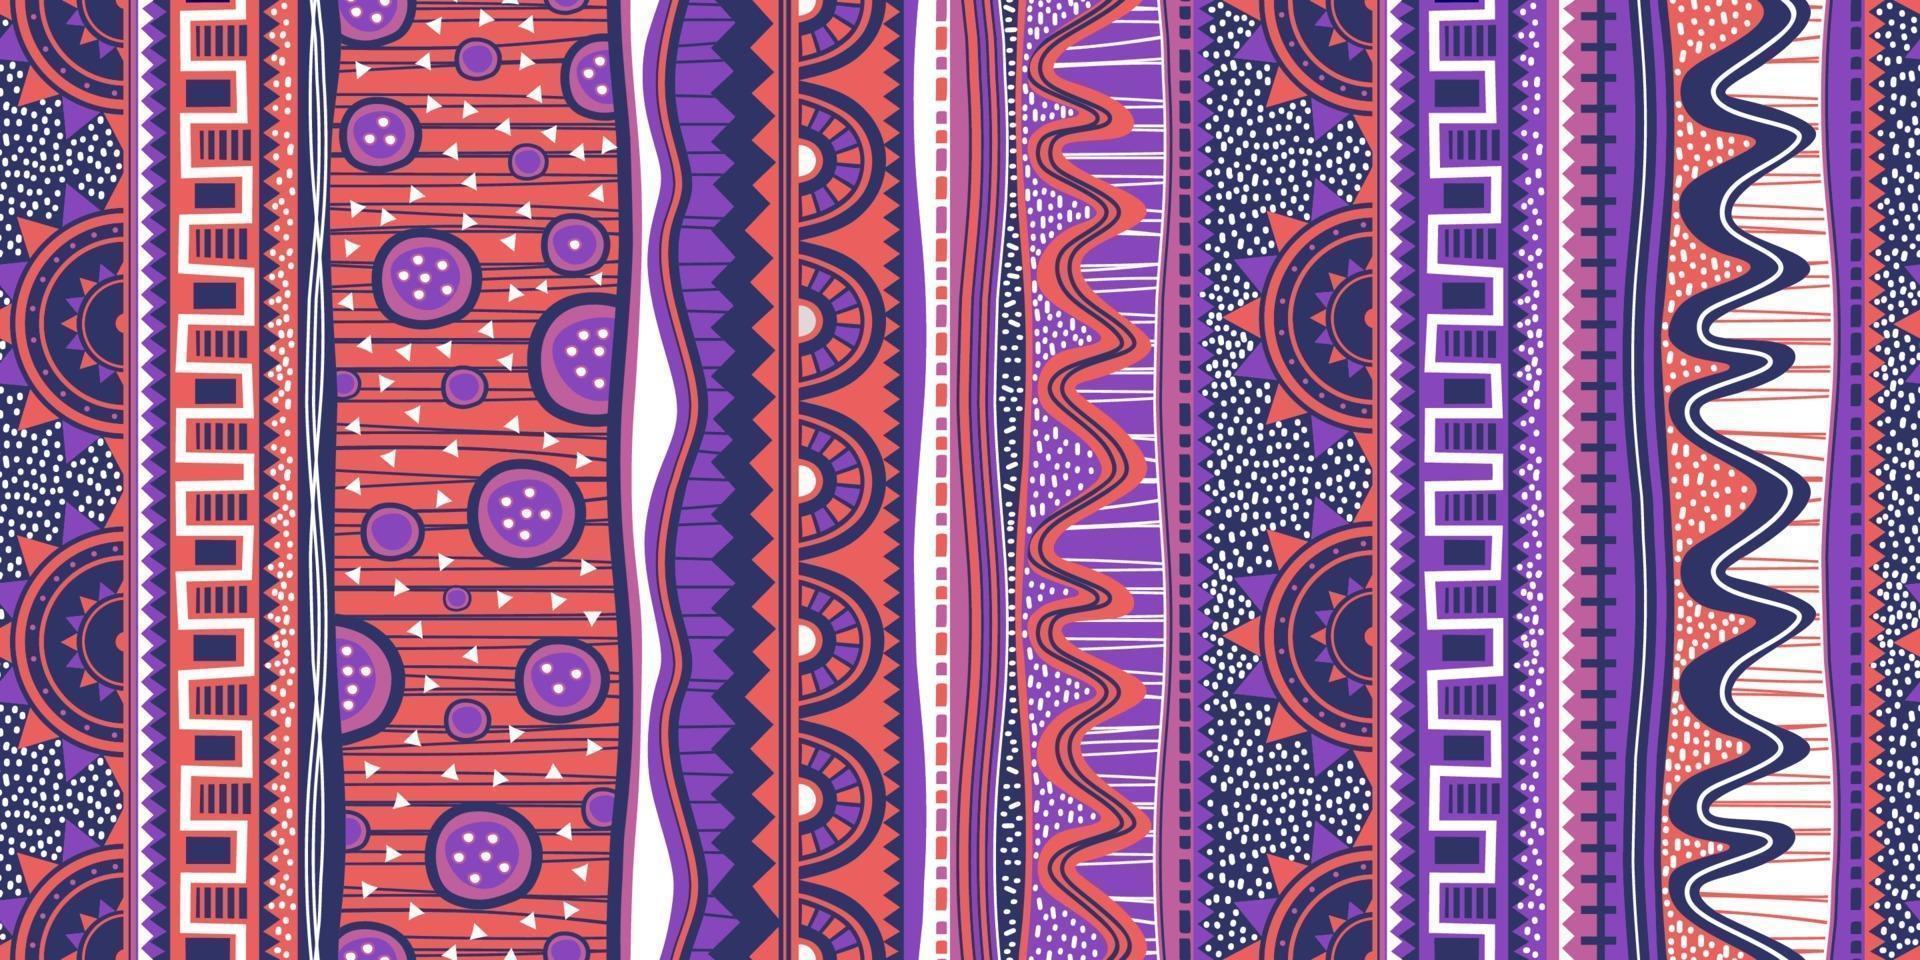 padrão sem emenda étnico. indiano colorido, design nativo americano, navajo. motivo mexicano, ornamento de motivos de batique asteca, ilustração vetorial pronta para impressão. vetor